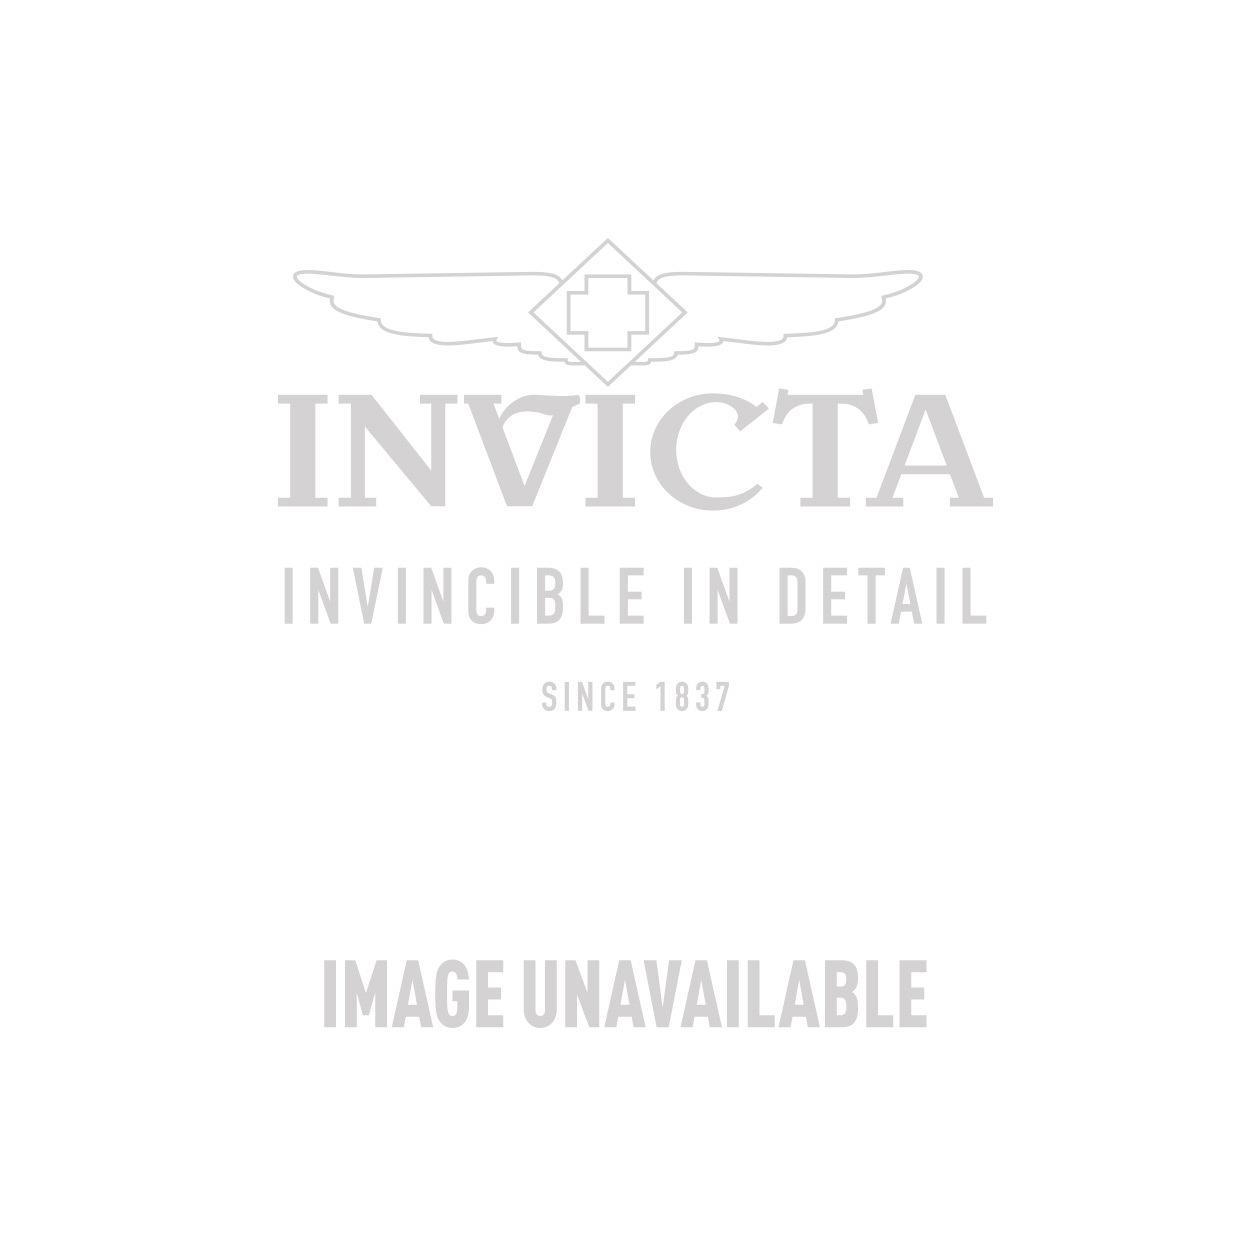 Invicta Model 25111